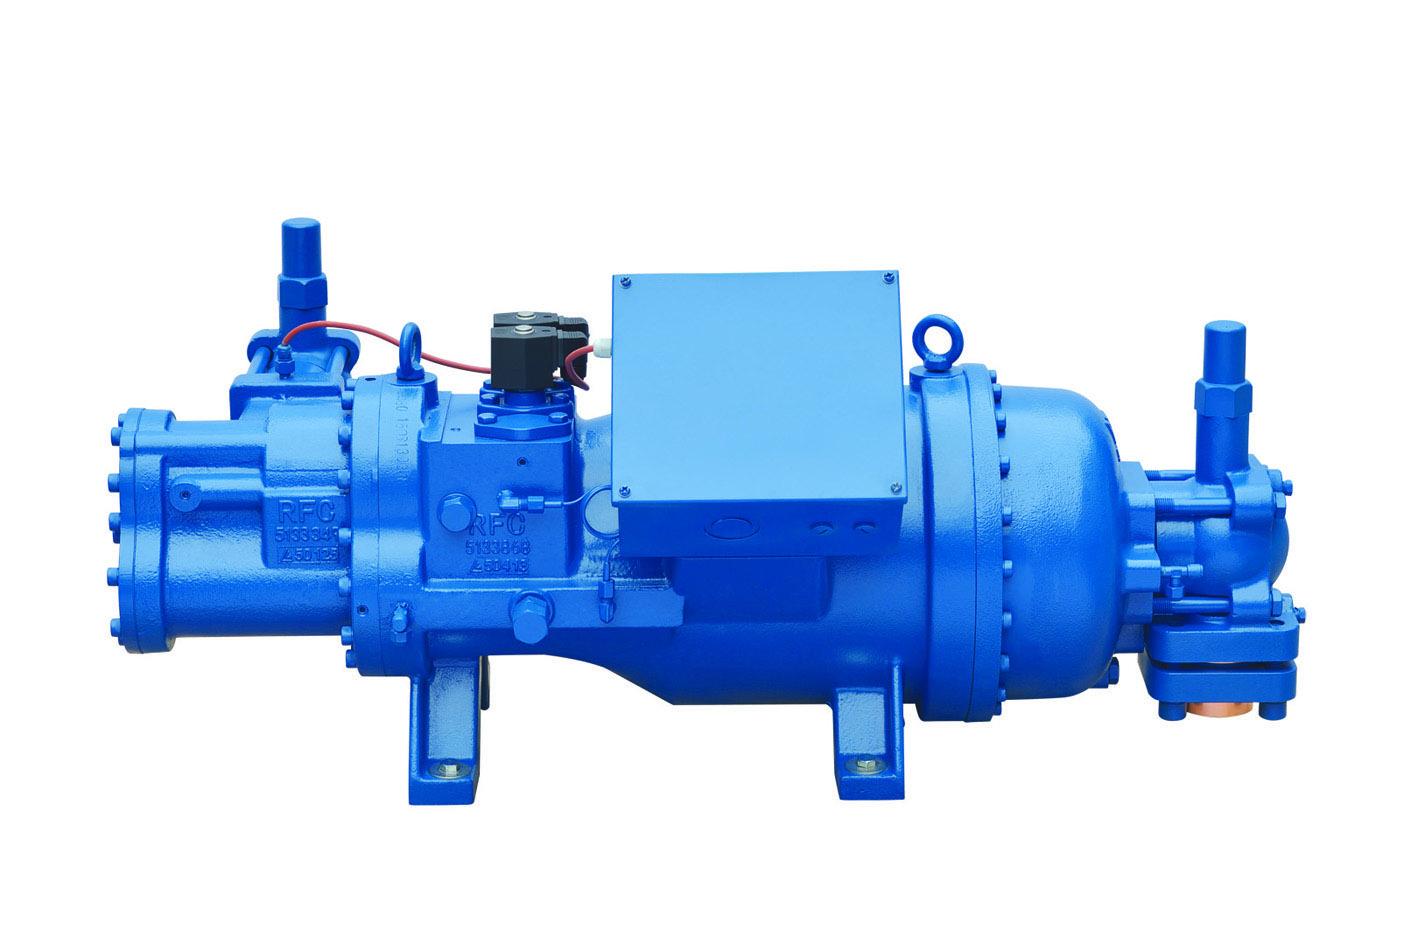 reciprocating compressor design calculations pdf